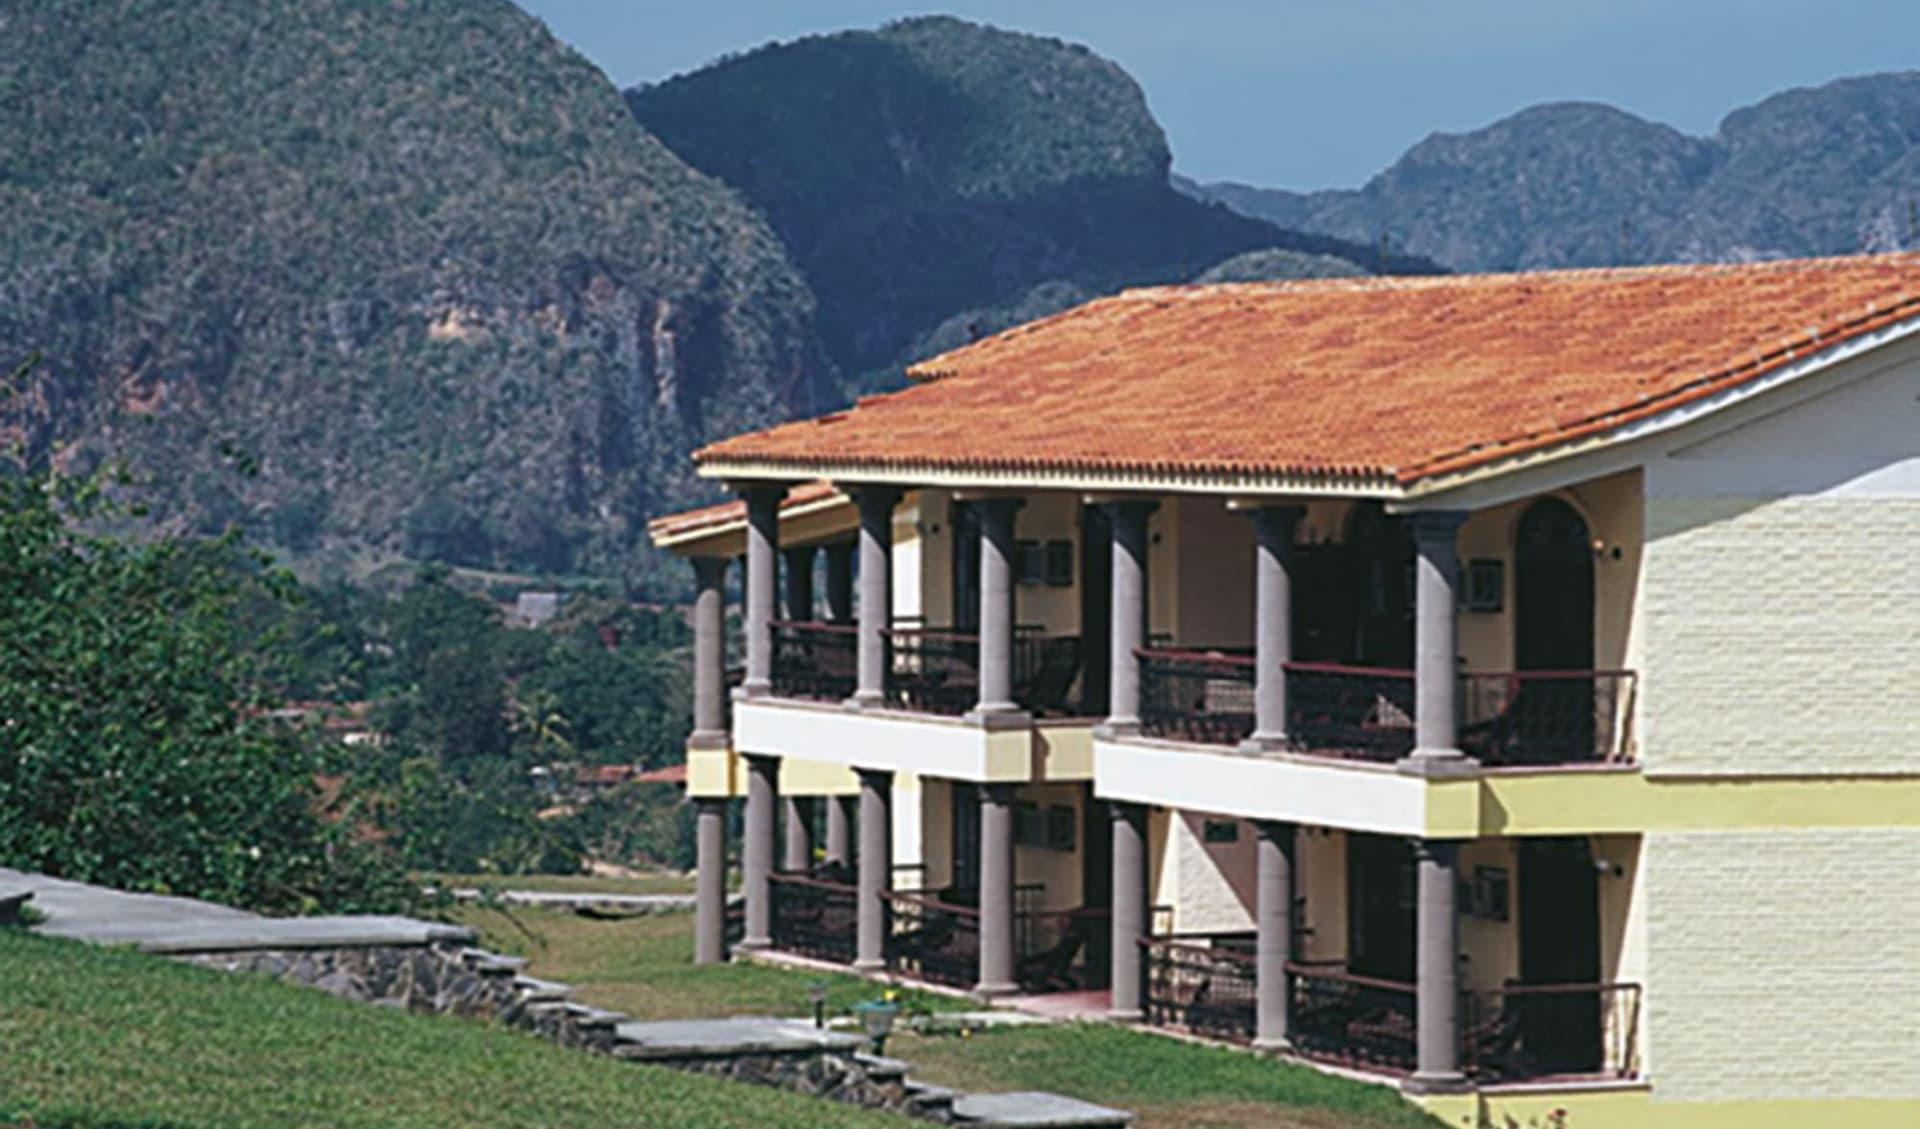 La Ermita in Vinales:  Vinales_La Ermita_Aussen